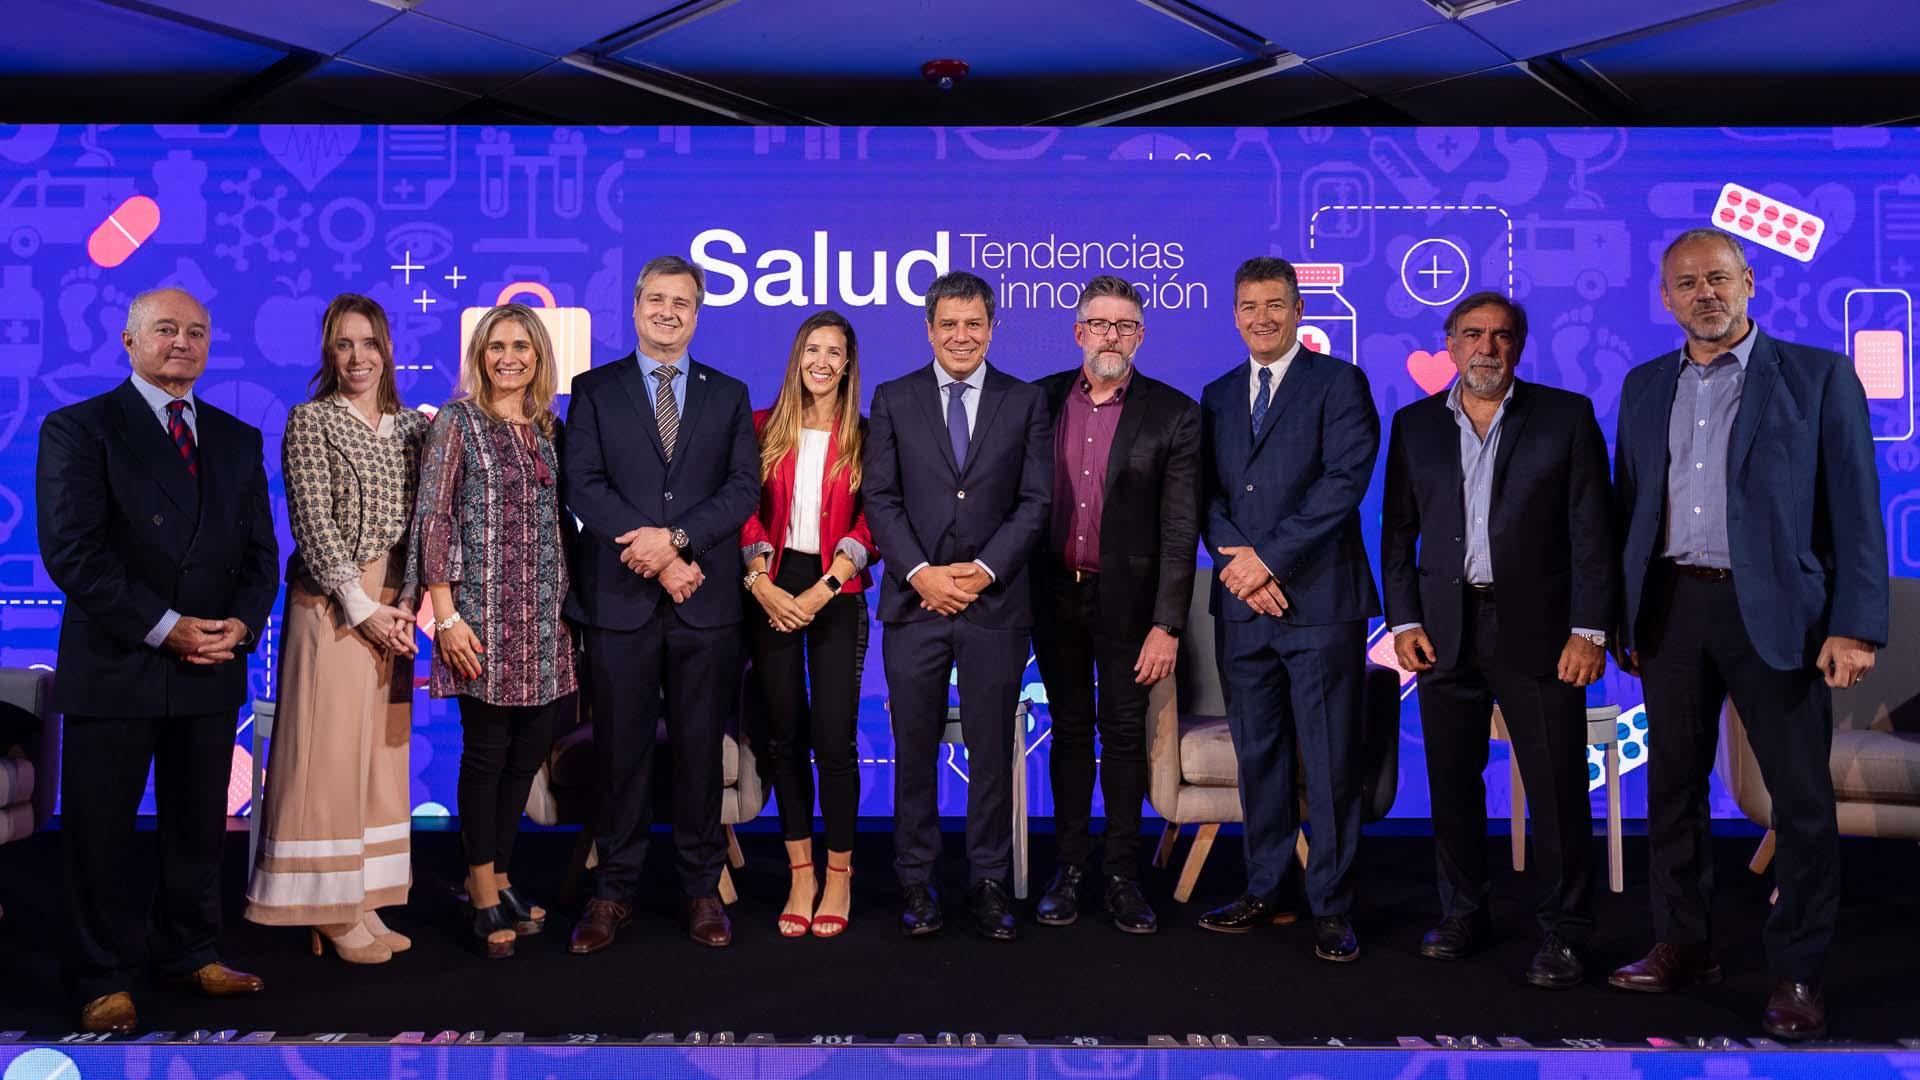 """Representantes de diferentes ramas de la medicina participaron de los paneles de """"Salud: tendencias e innovación"""""""